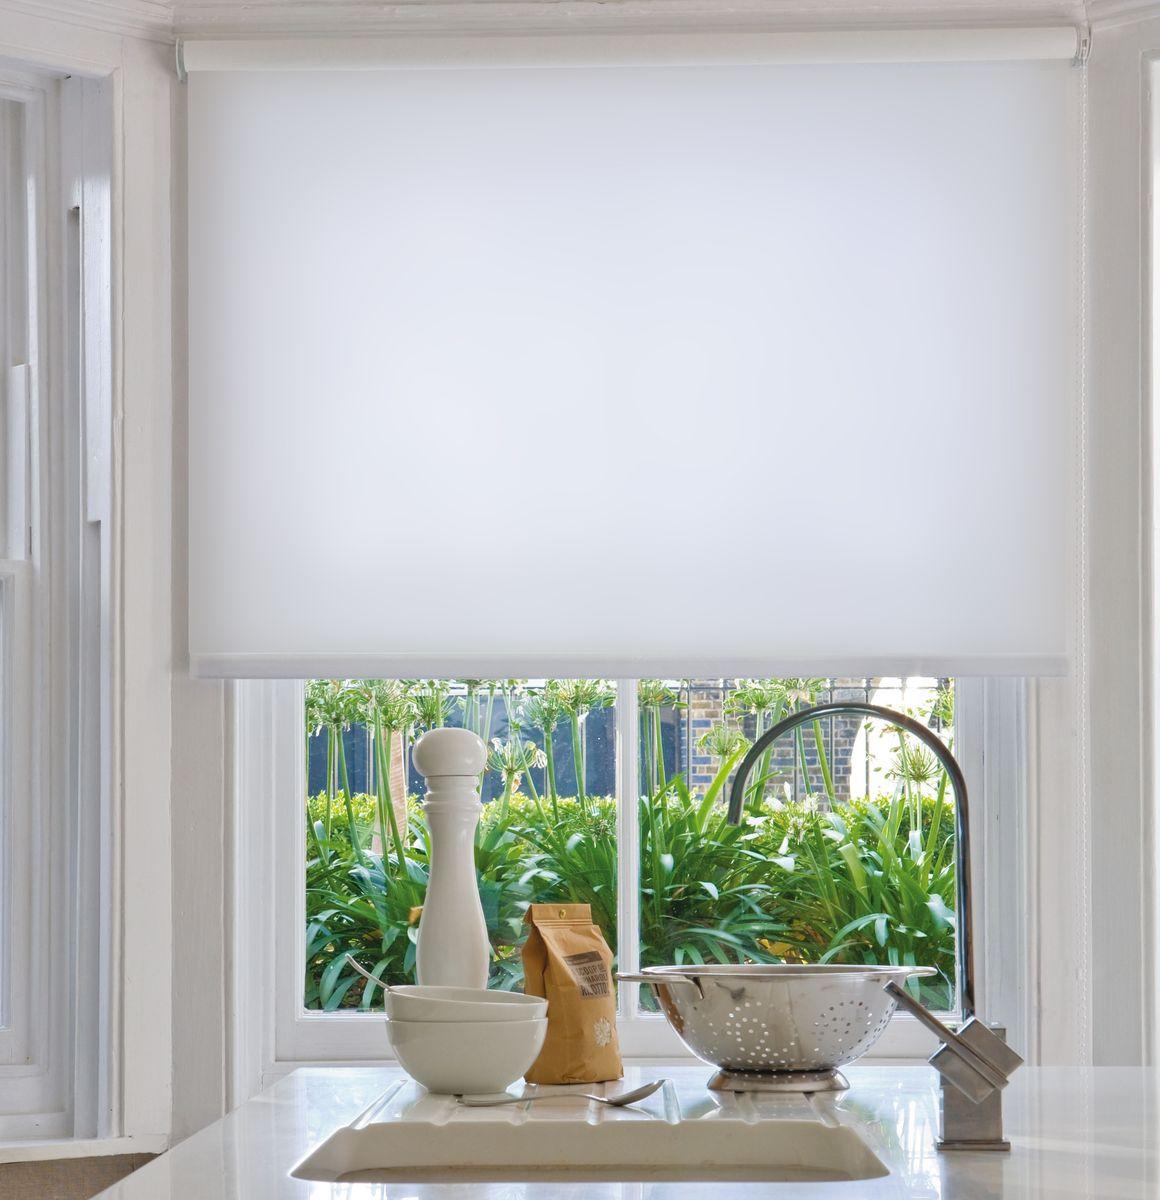 Штора рулонная Эскар Миниролло, цвет: белый, ширина 43 см, высота 170 см31008043170Рулонными шторами можно оформлять окна как самостоятельно, так и использовать в комбинации с портьерами. Это поможет предотвратить выгорание дорогой ткани на солнце и соединит функционал рулонных с красотой навесных. Преимущества применения рулонных штор для пластиковых окон: - имеют прекрасный внешний вид: многообразие и фактурность материала изделия отлично смотрятся в любом интерьере;- многофункциональны: есть возможность подобрать шторы способные эффективно защитить комнату от солнца, при этом она не будет слишком темной. - Есть возможность осуществить быстрый монтаж.ВНИМАНИЕ! Размеры ширины изделия указаны по ширине ткани! Во время эксплуатации не рекомендуется полностью разматывать рулон, чтобы не оторвать ткань от намоточного вала. В случае загрязнения поверхности ткани, чистку шторы проводят одним из способов, в зависимости от типа загрязнения:легкое поверхностное загрязнение можно удалить при помощи канцелярского ластика;чистка от пыли производится сухим методом при помощи пылесоса с мягкой щеткой-насадкой;для удаления пятна используйте мягкую губку с пенообразующим неагрессивным моющим средством или пятновыводитель на натуральной основе (нельзя применять растворители).